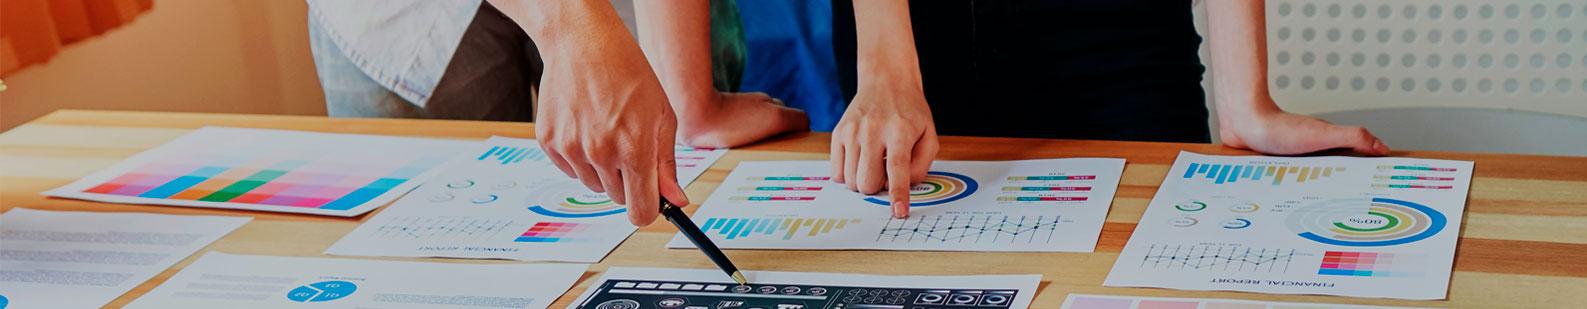 http://www.serpro.gov.br/menu/quem-somos/marca-serpro/variacoes-e-tipos-de-assinatura